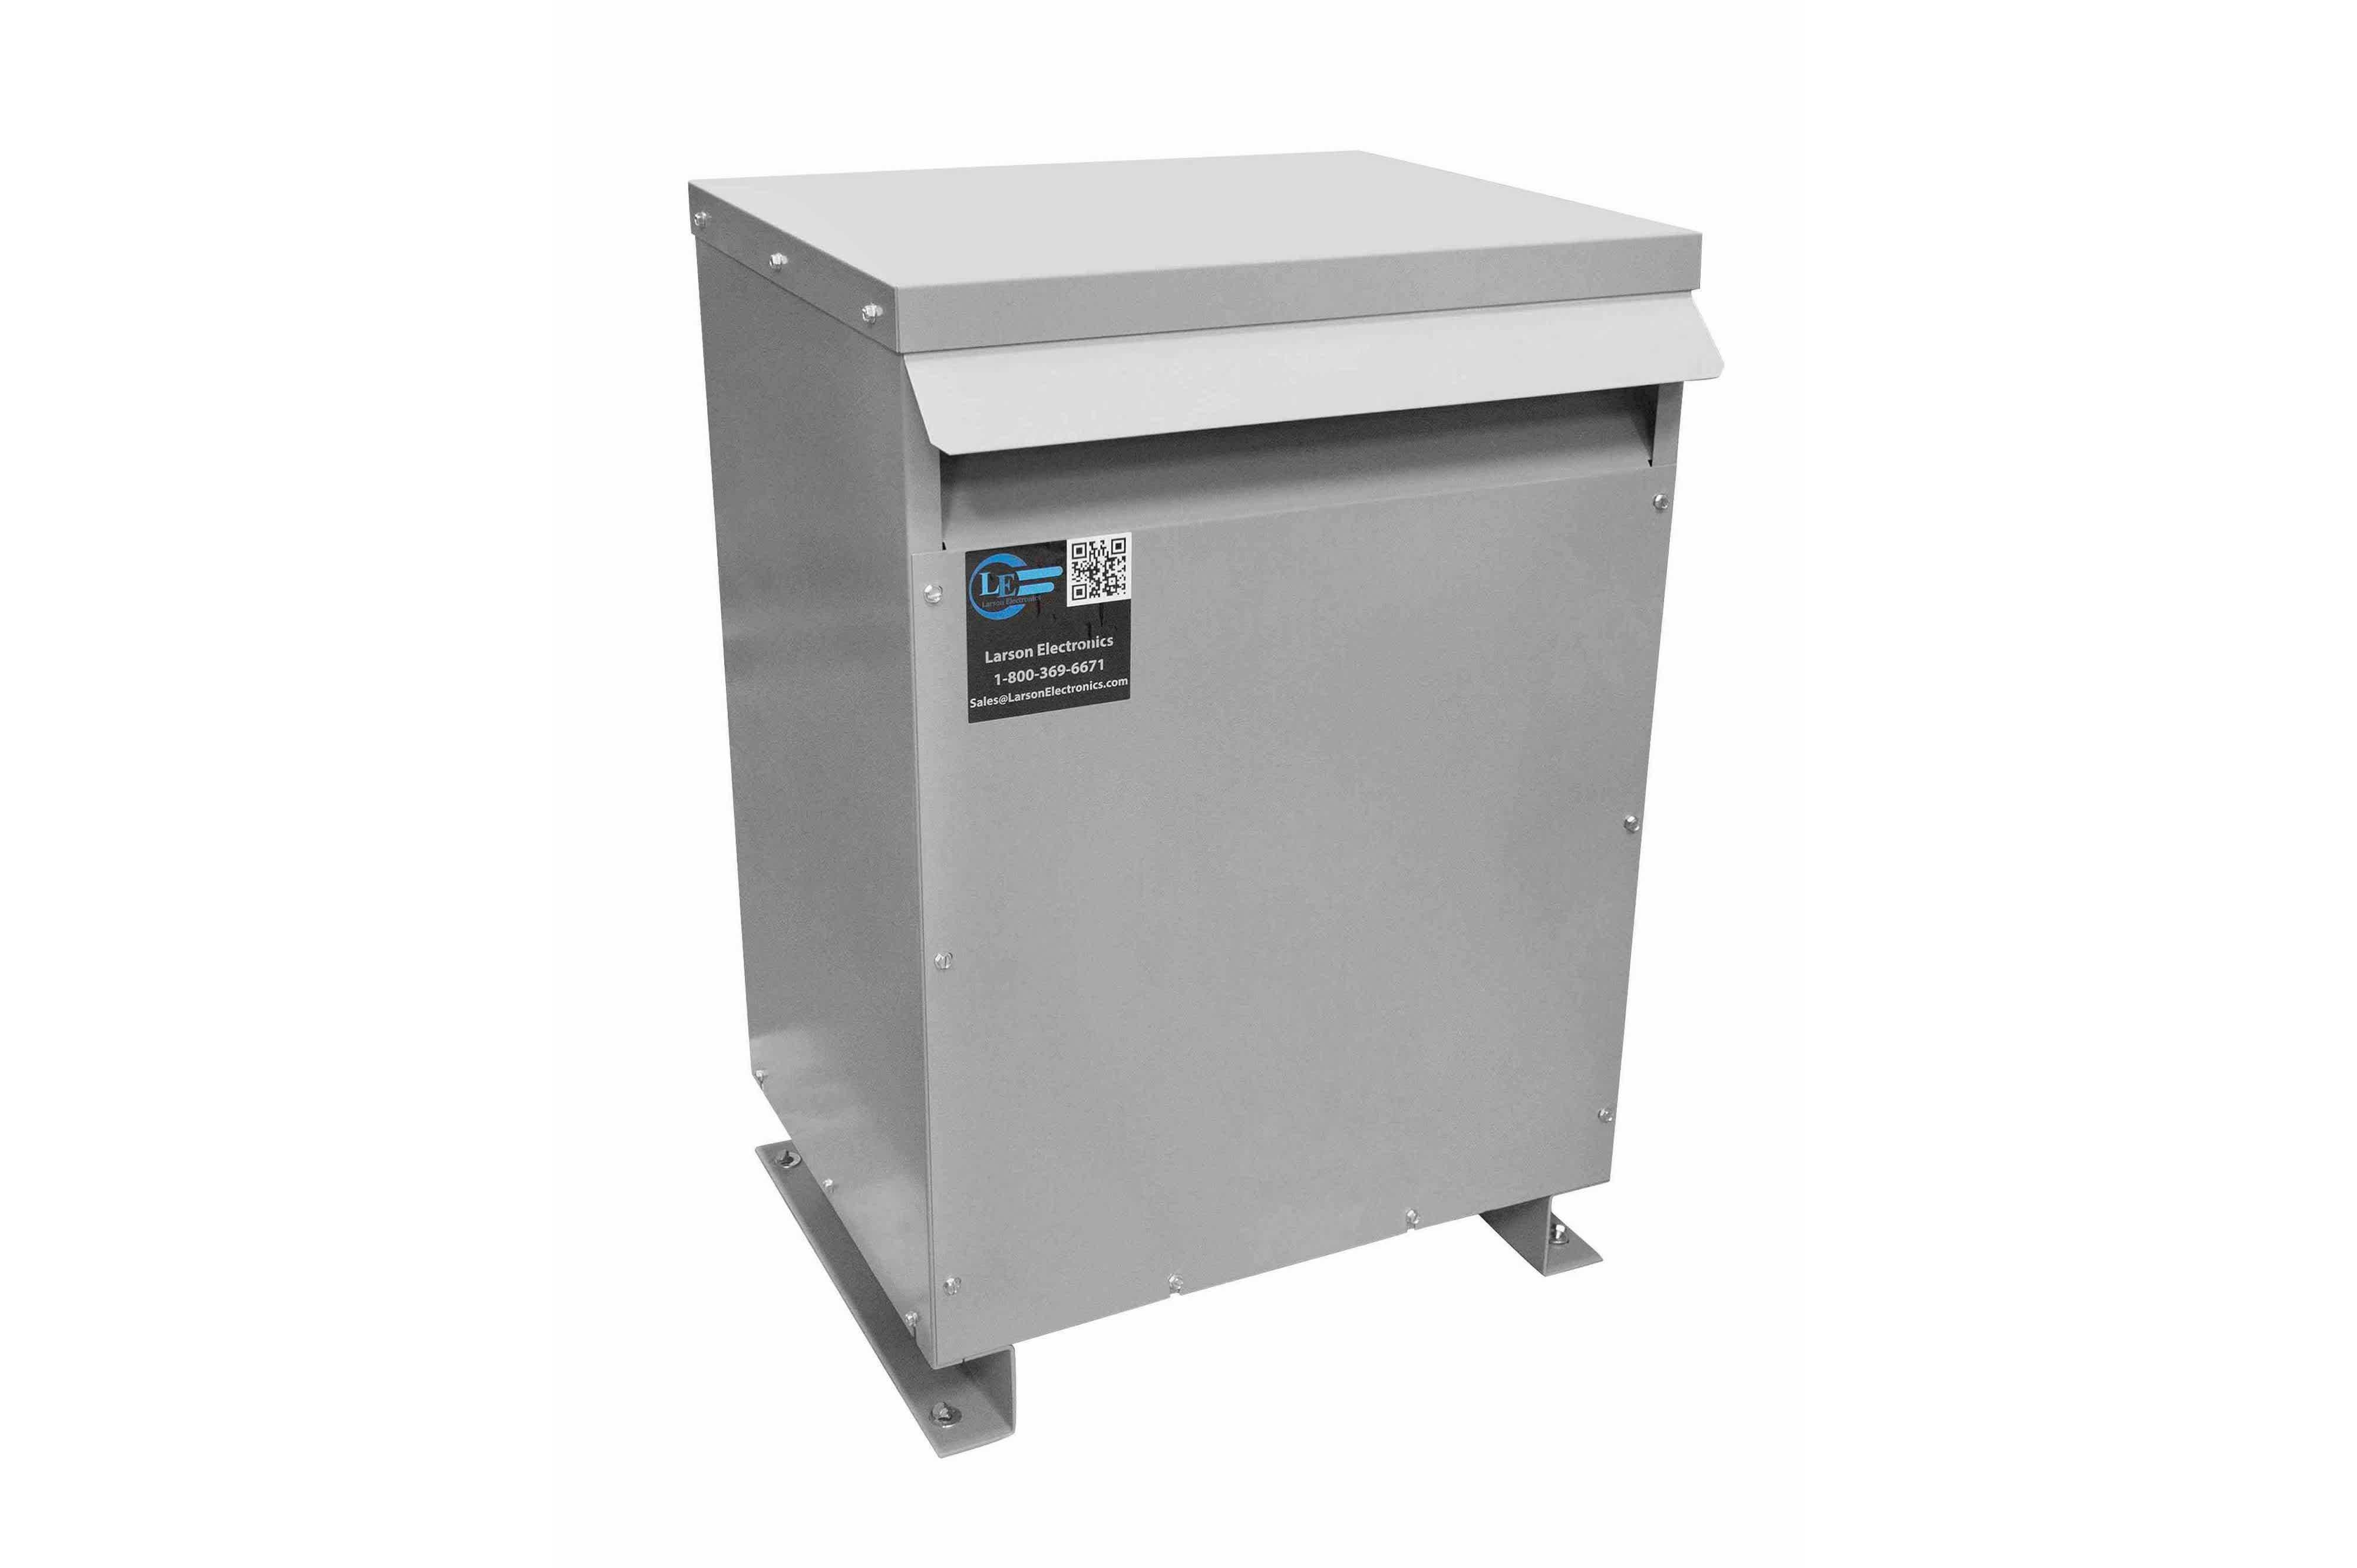 27 kVA 3PH Isolation Transformer, 480V Delta Primary, 480V Delta Secondary, N3R, Ventilated, 60 Hz